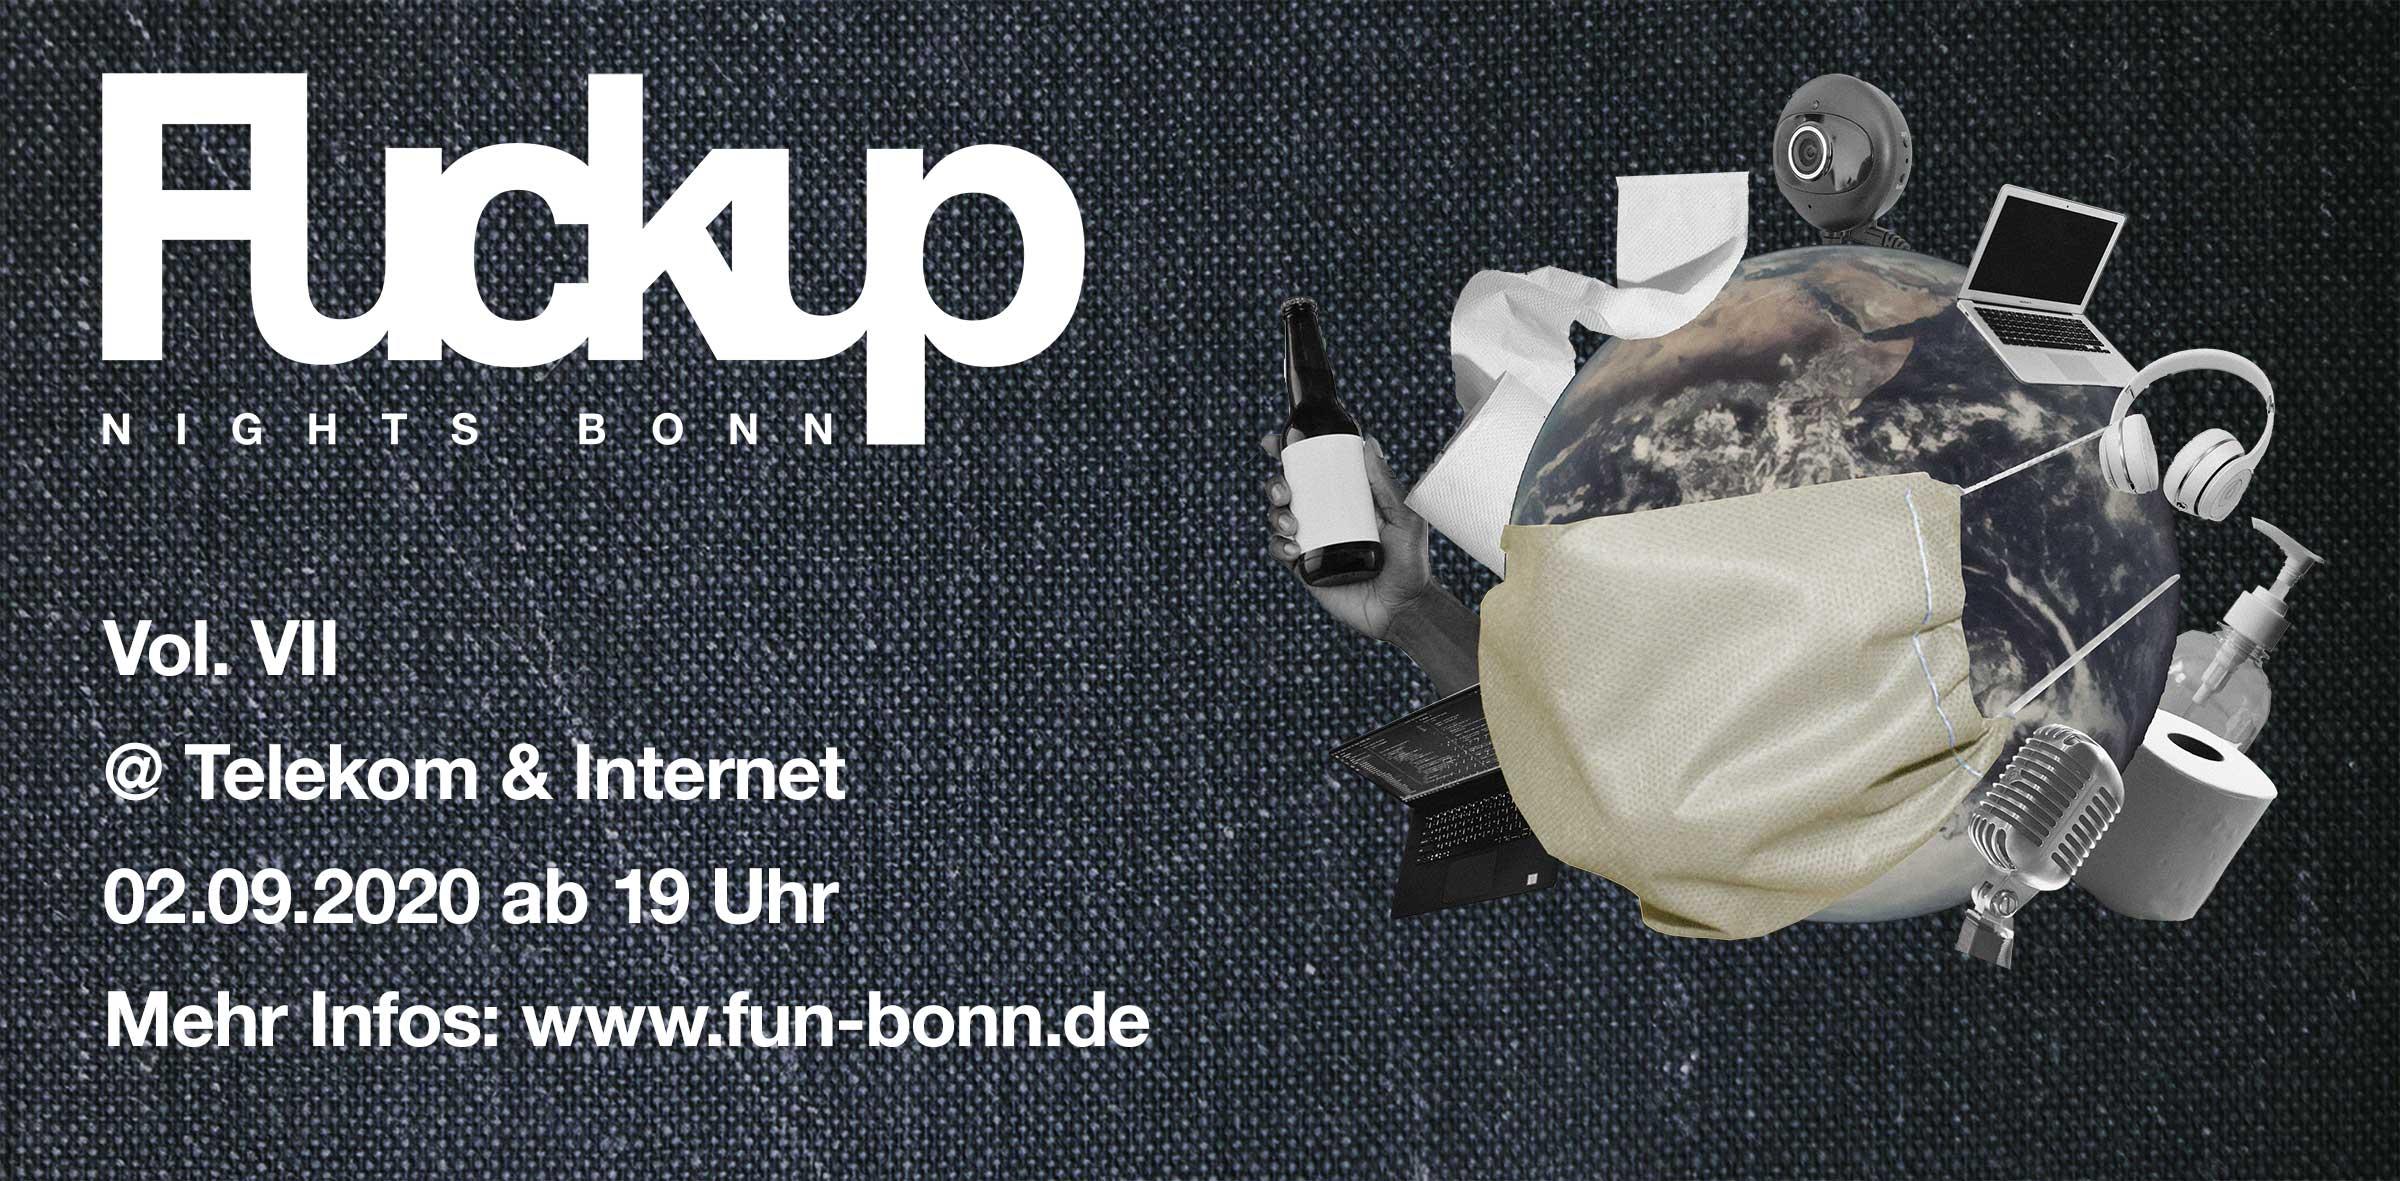 FuckUp Nights Bonn 7 am 2. September 2020 ab 19 Uhr bei der Telekom und im Internet.